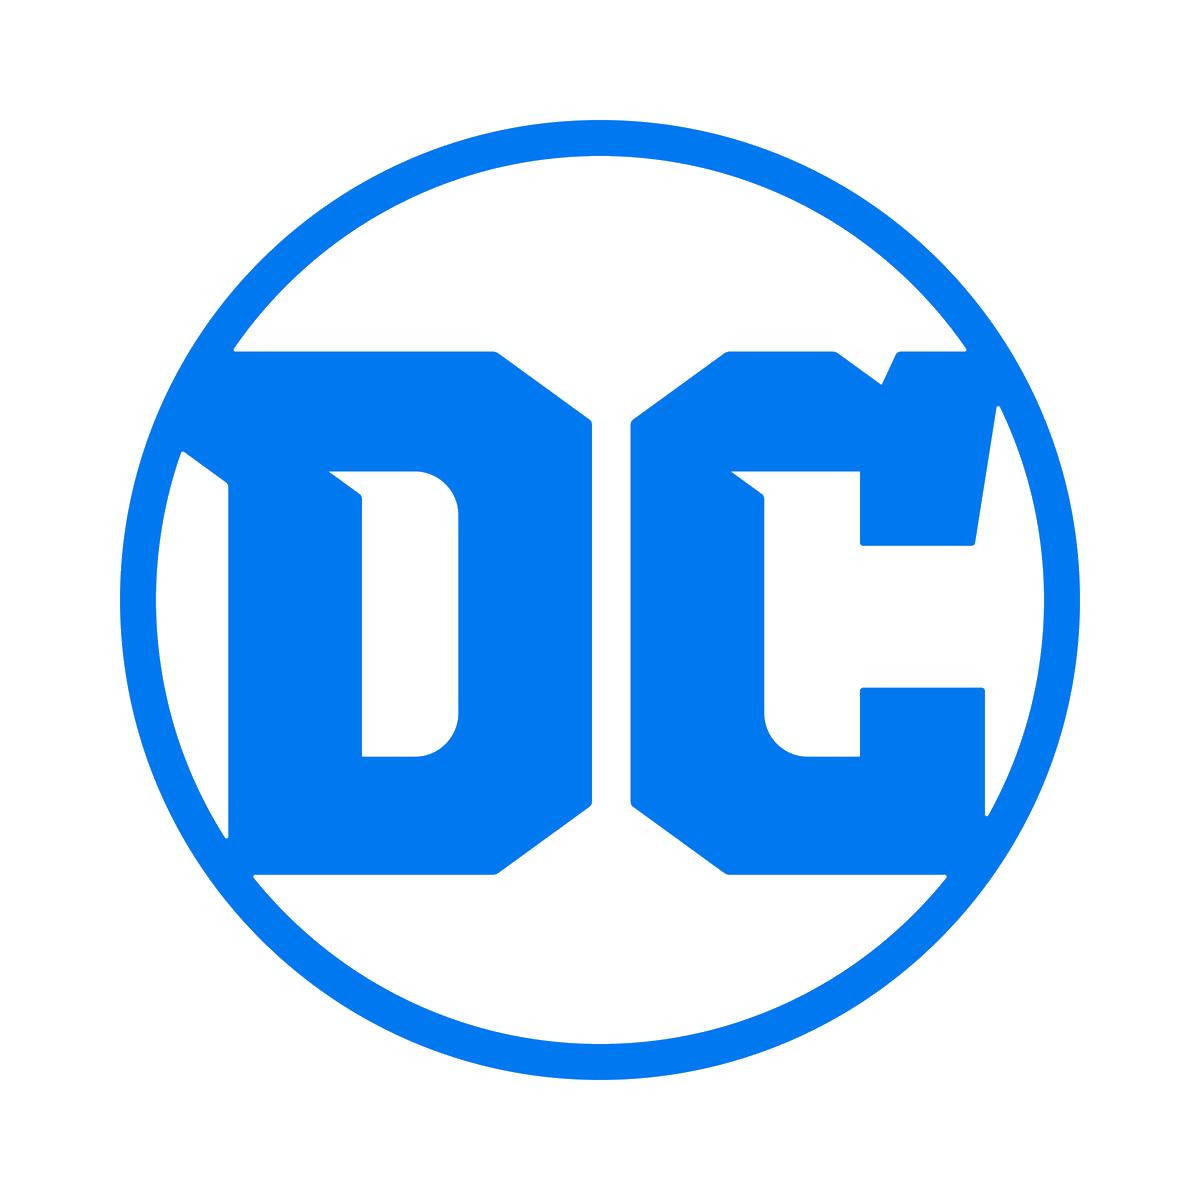 Dc Comics Dc Database Fandom Powered By Wikia